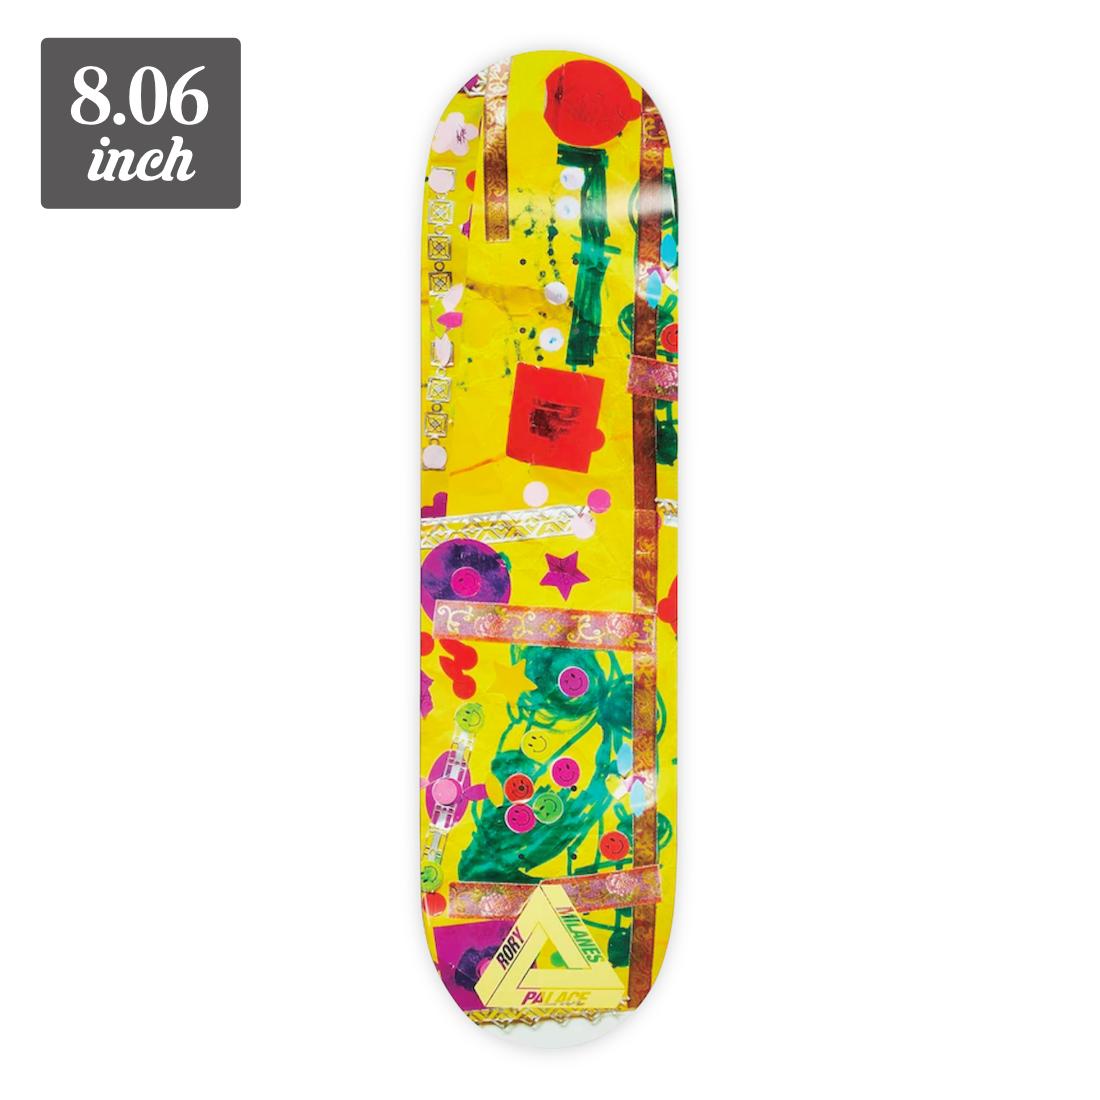 【8.06】Palace Skateboards - Pro S22